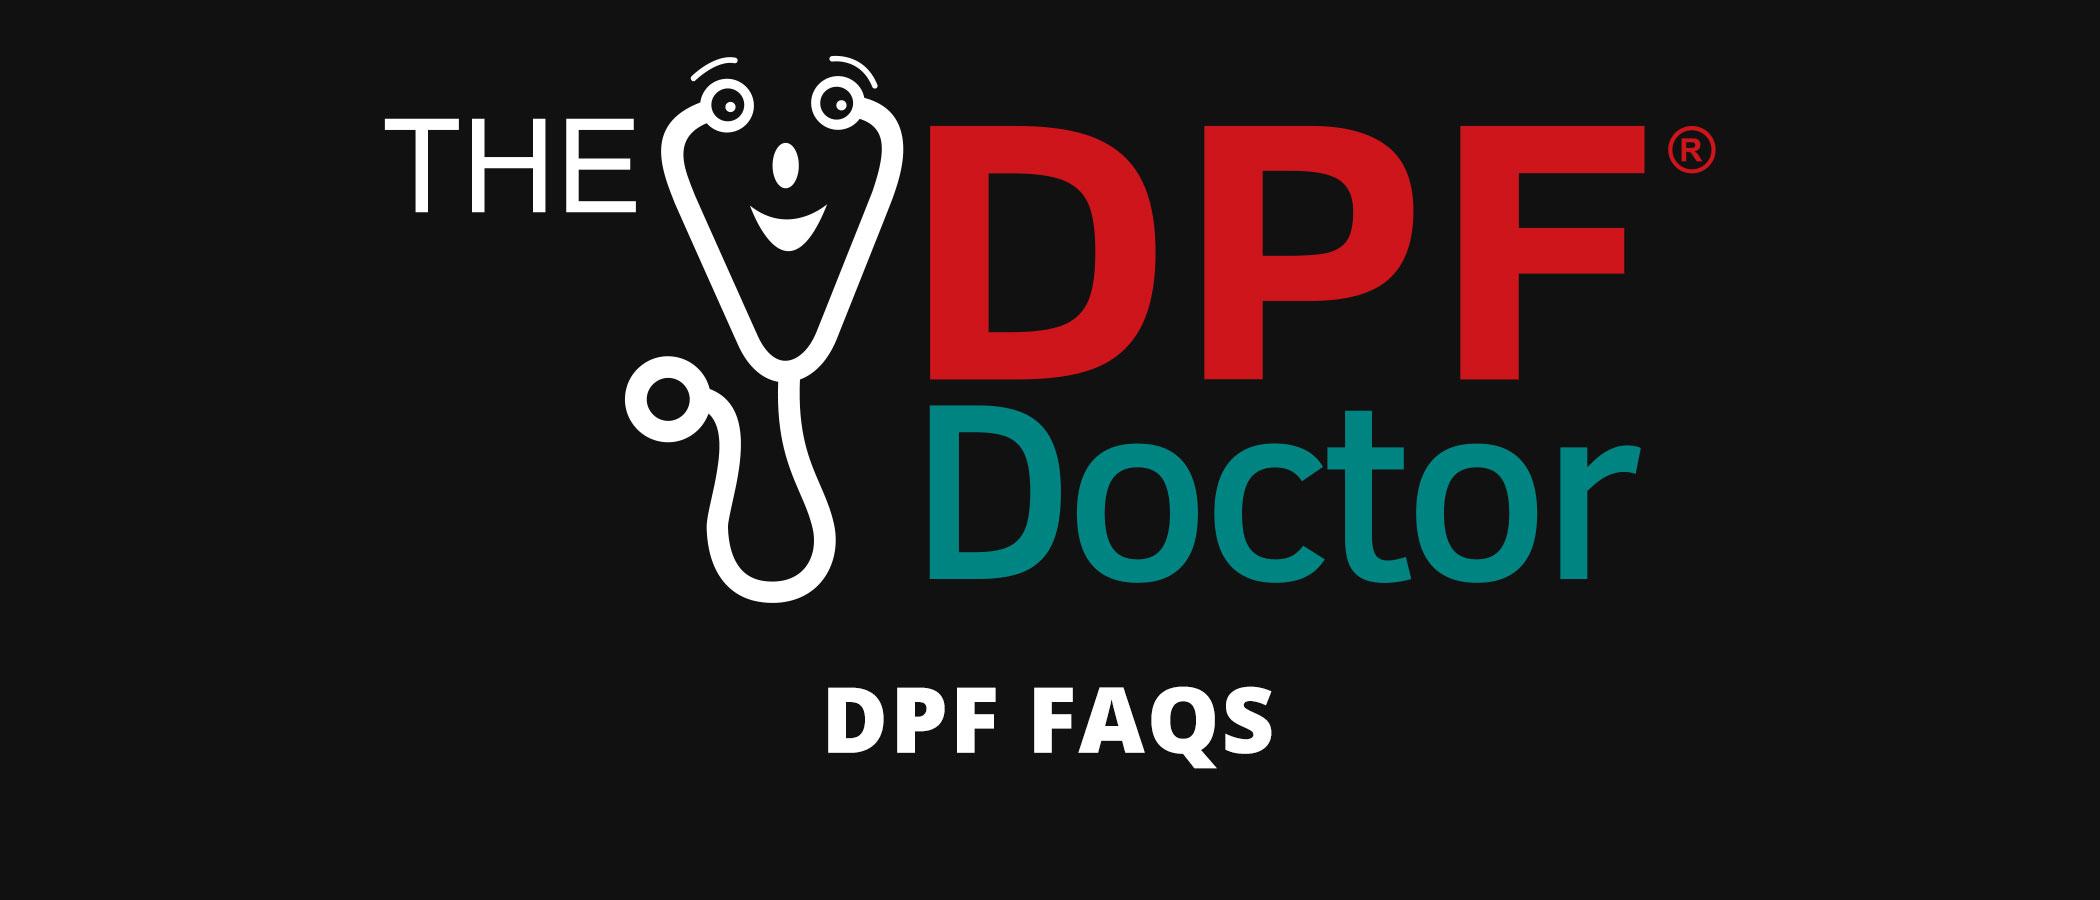 DPF FAQs